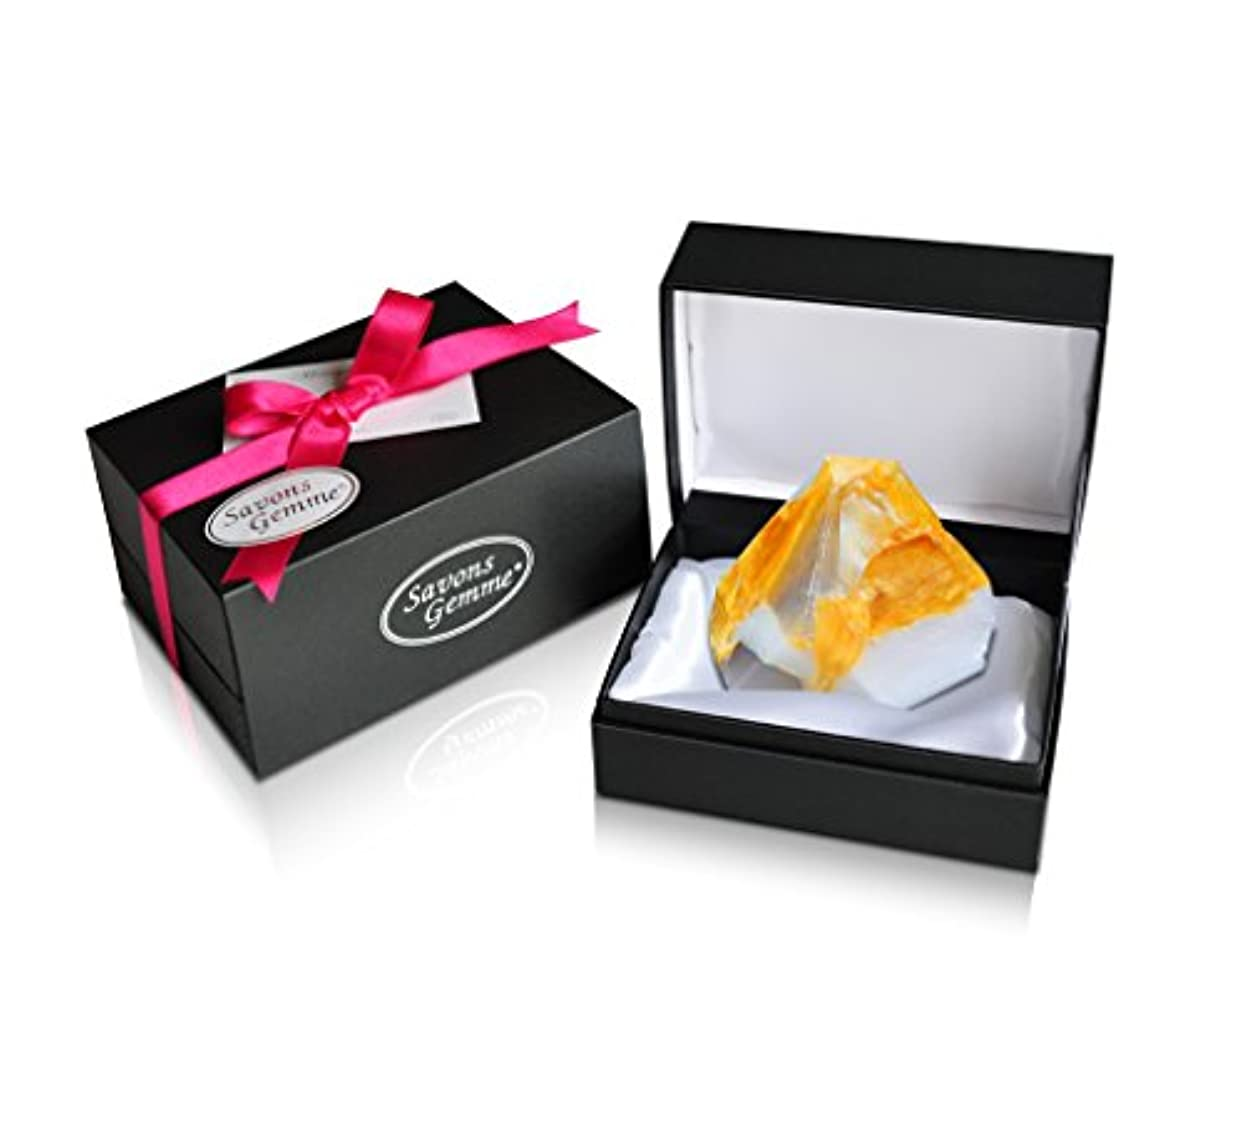 無条件ペフ素敵なSavons Gemme サボンジェム ジュエリーギフトボックス 世界で一番美しい宝石石鹸 フレグランス ソープ 宝石箱のようなラグジュアリー感を演出 アルバトールオリエンタル 170g 【日本総代理店品】